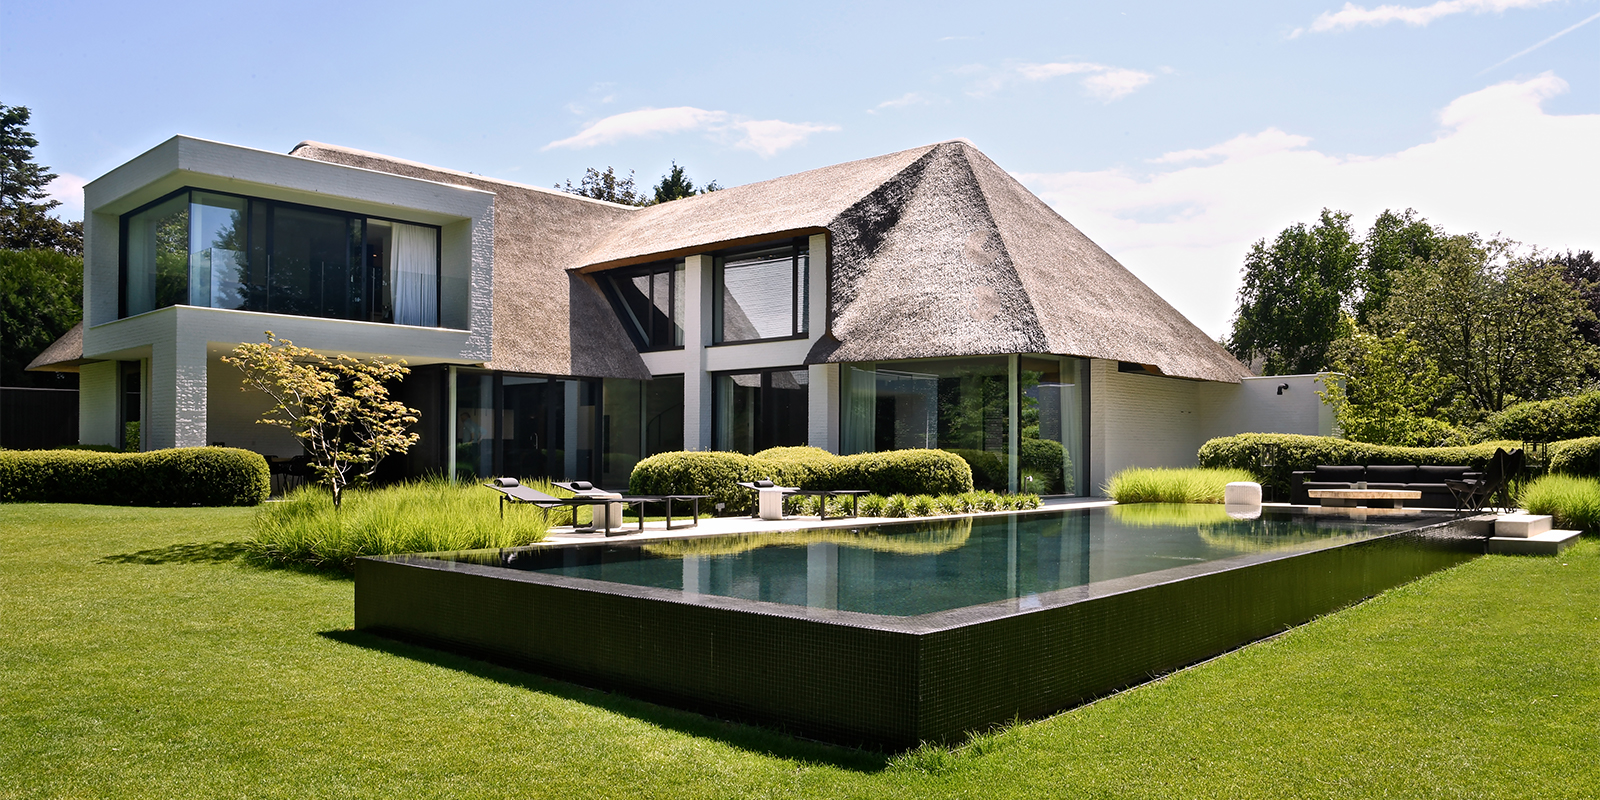 rieten dak, sels villabouw, steven van dooren, the art of living